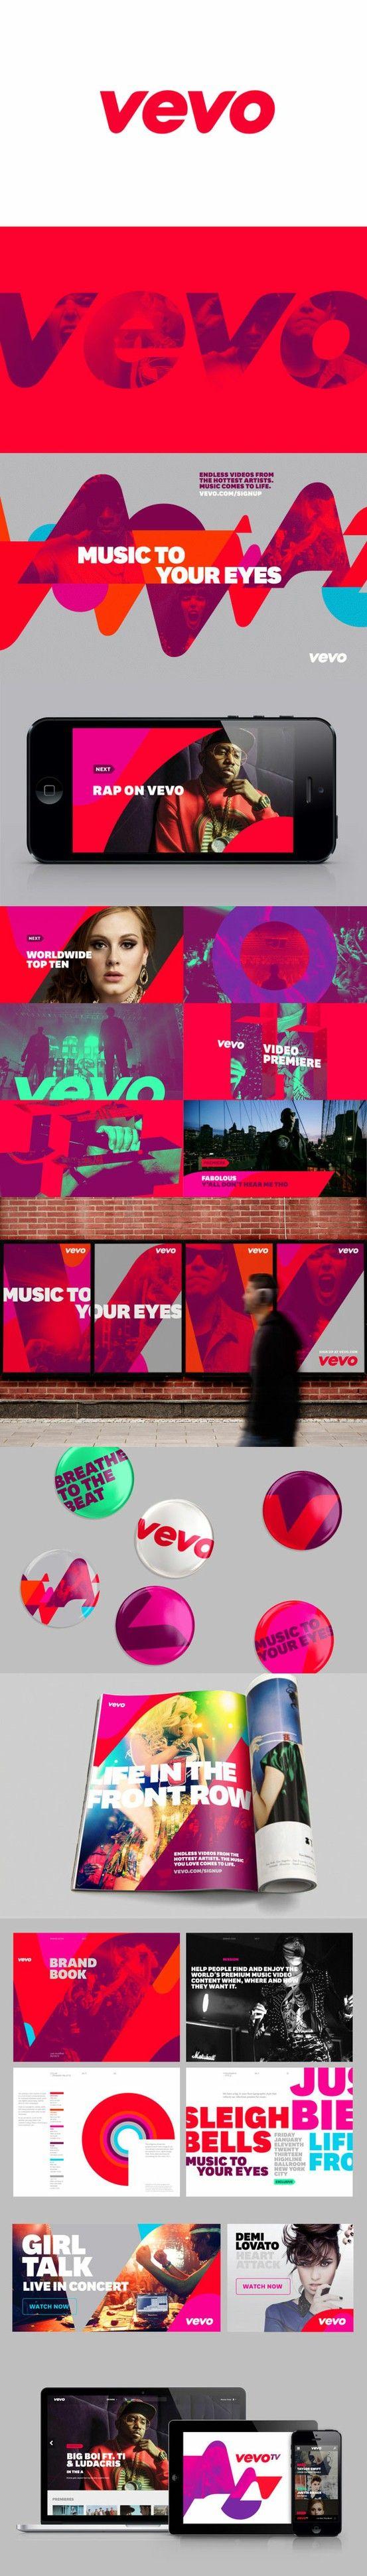 Vevo Rebranding